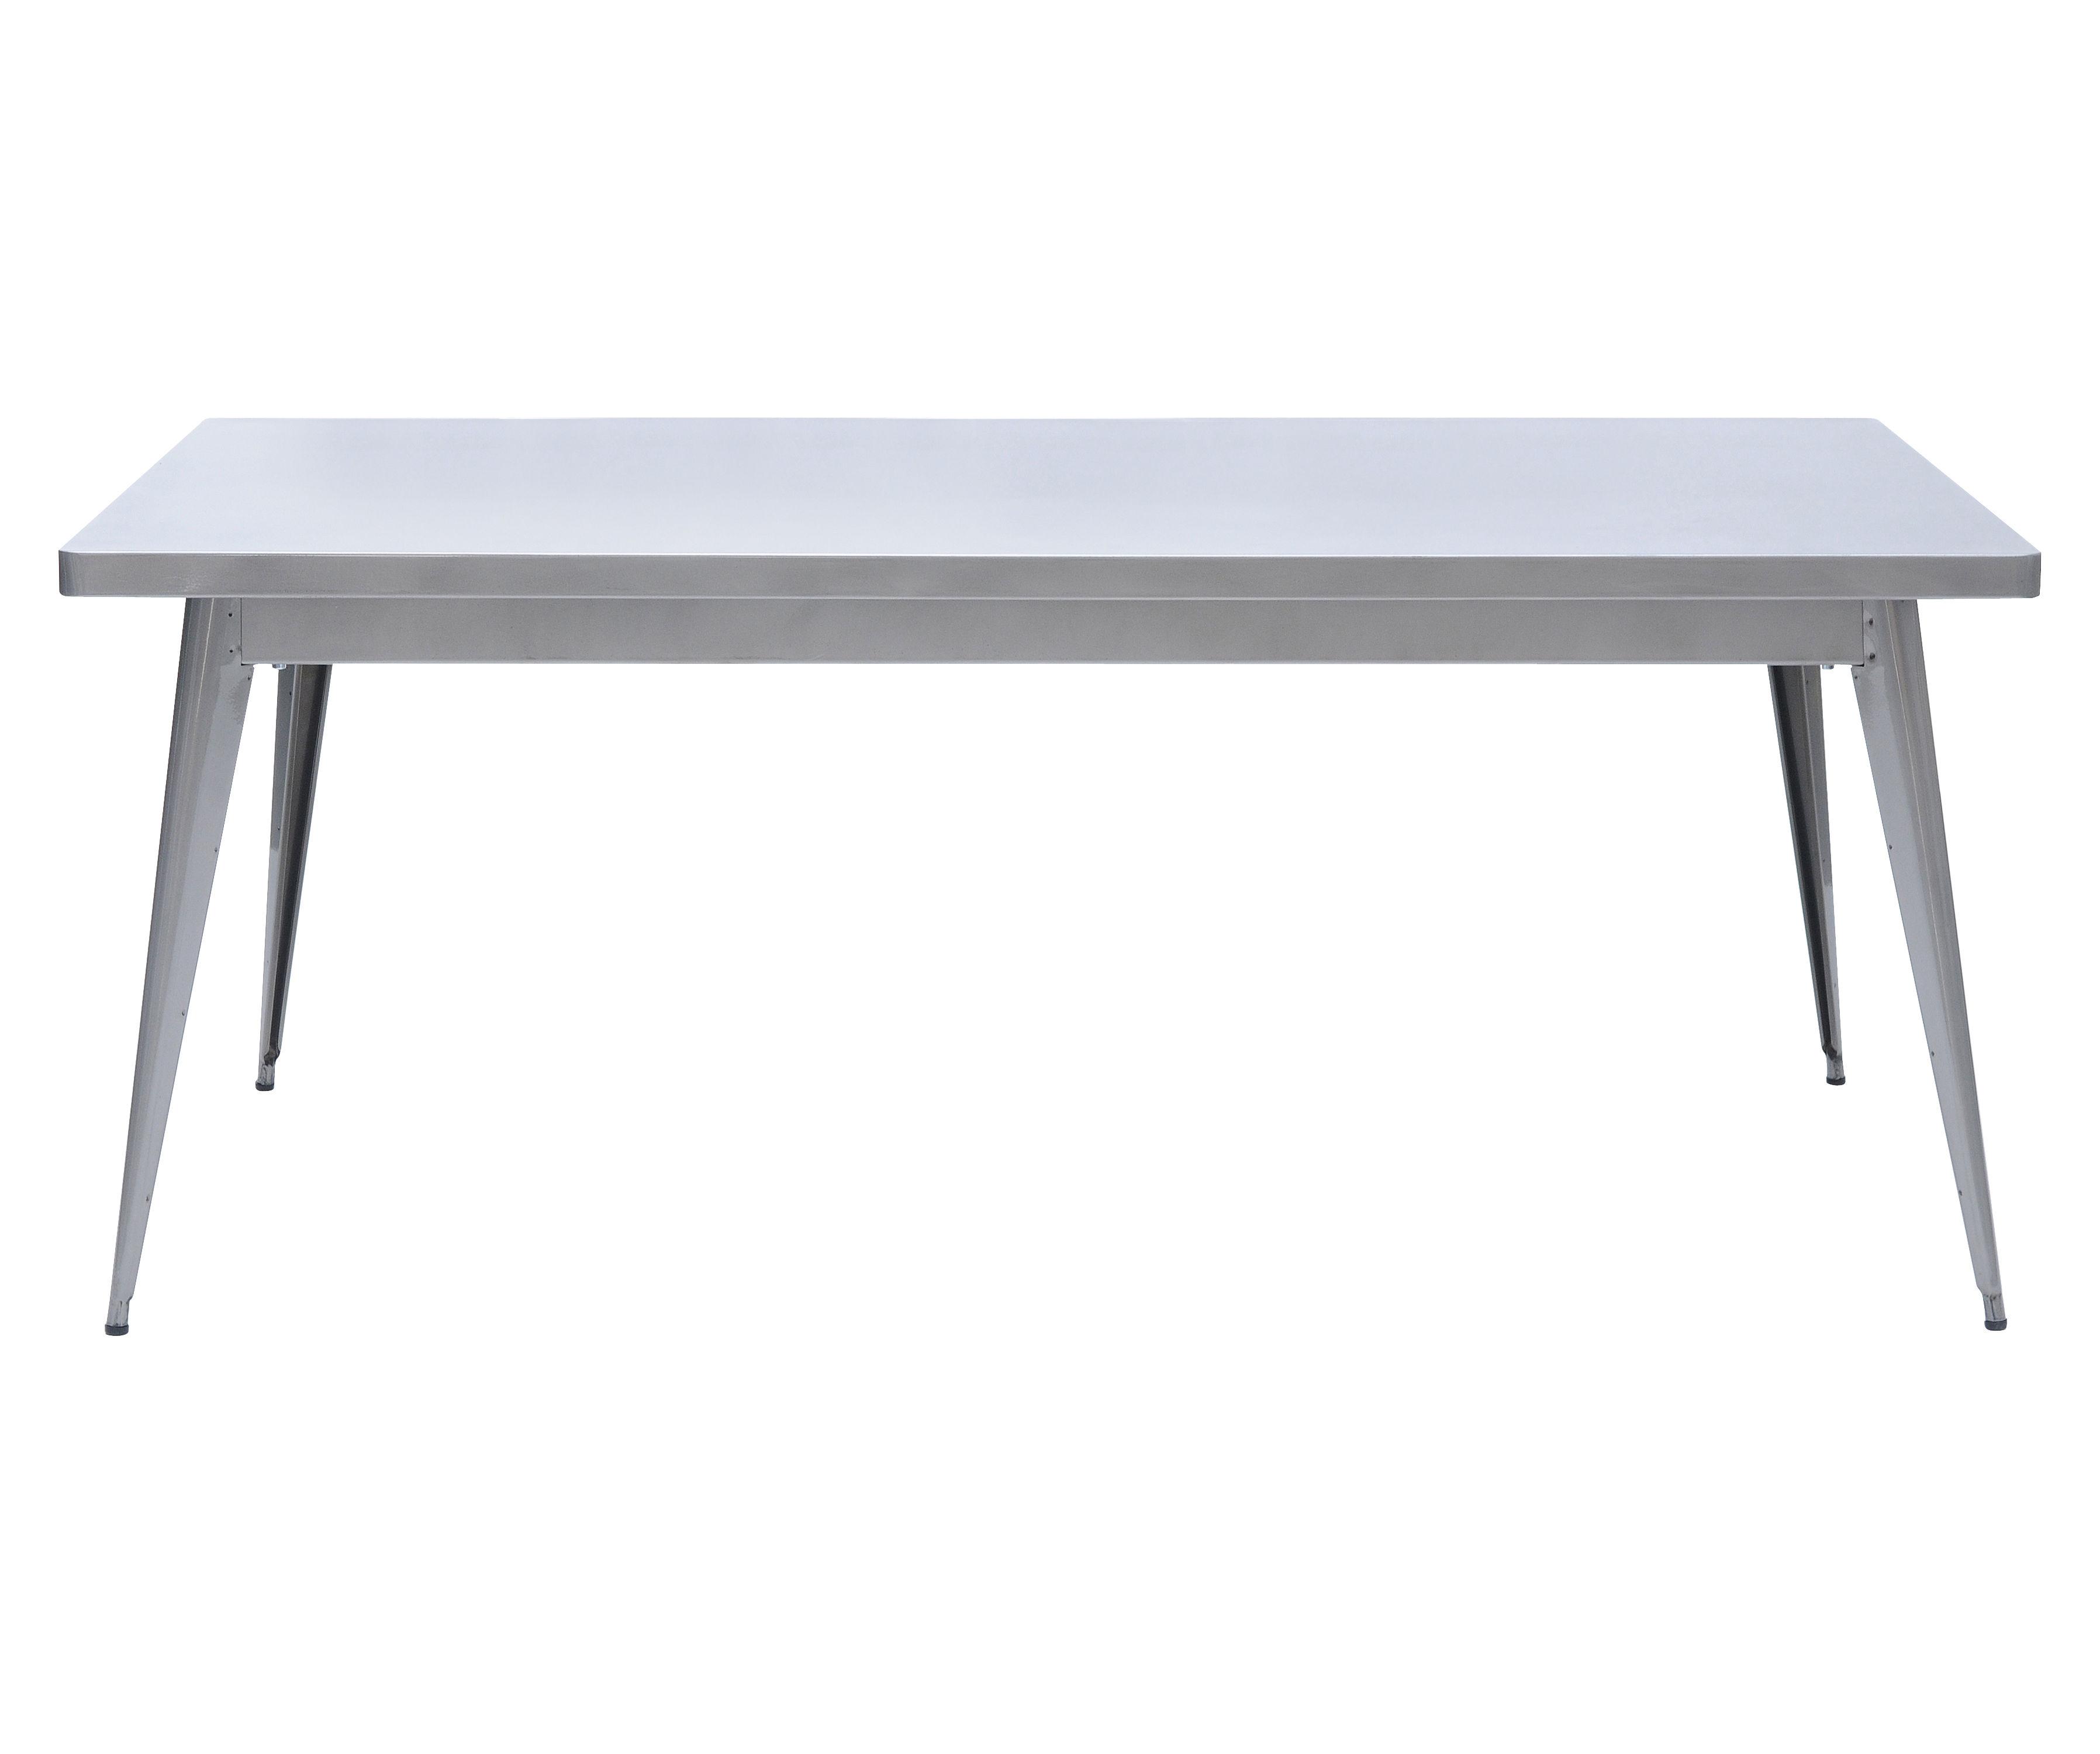 Arredamento - Tavoli - Tavolo rettangolare 55 - L 180 x larg 90 cm di Tolix - 180 x 90 cm - Vernice grezza brillante - Acciaio grezzo verniciato lucido